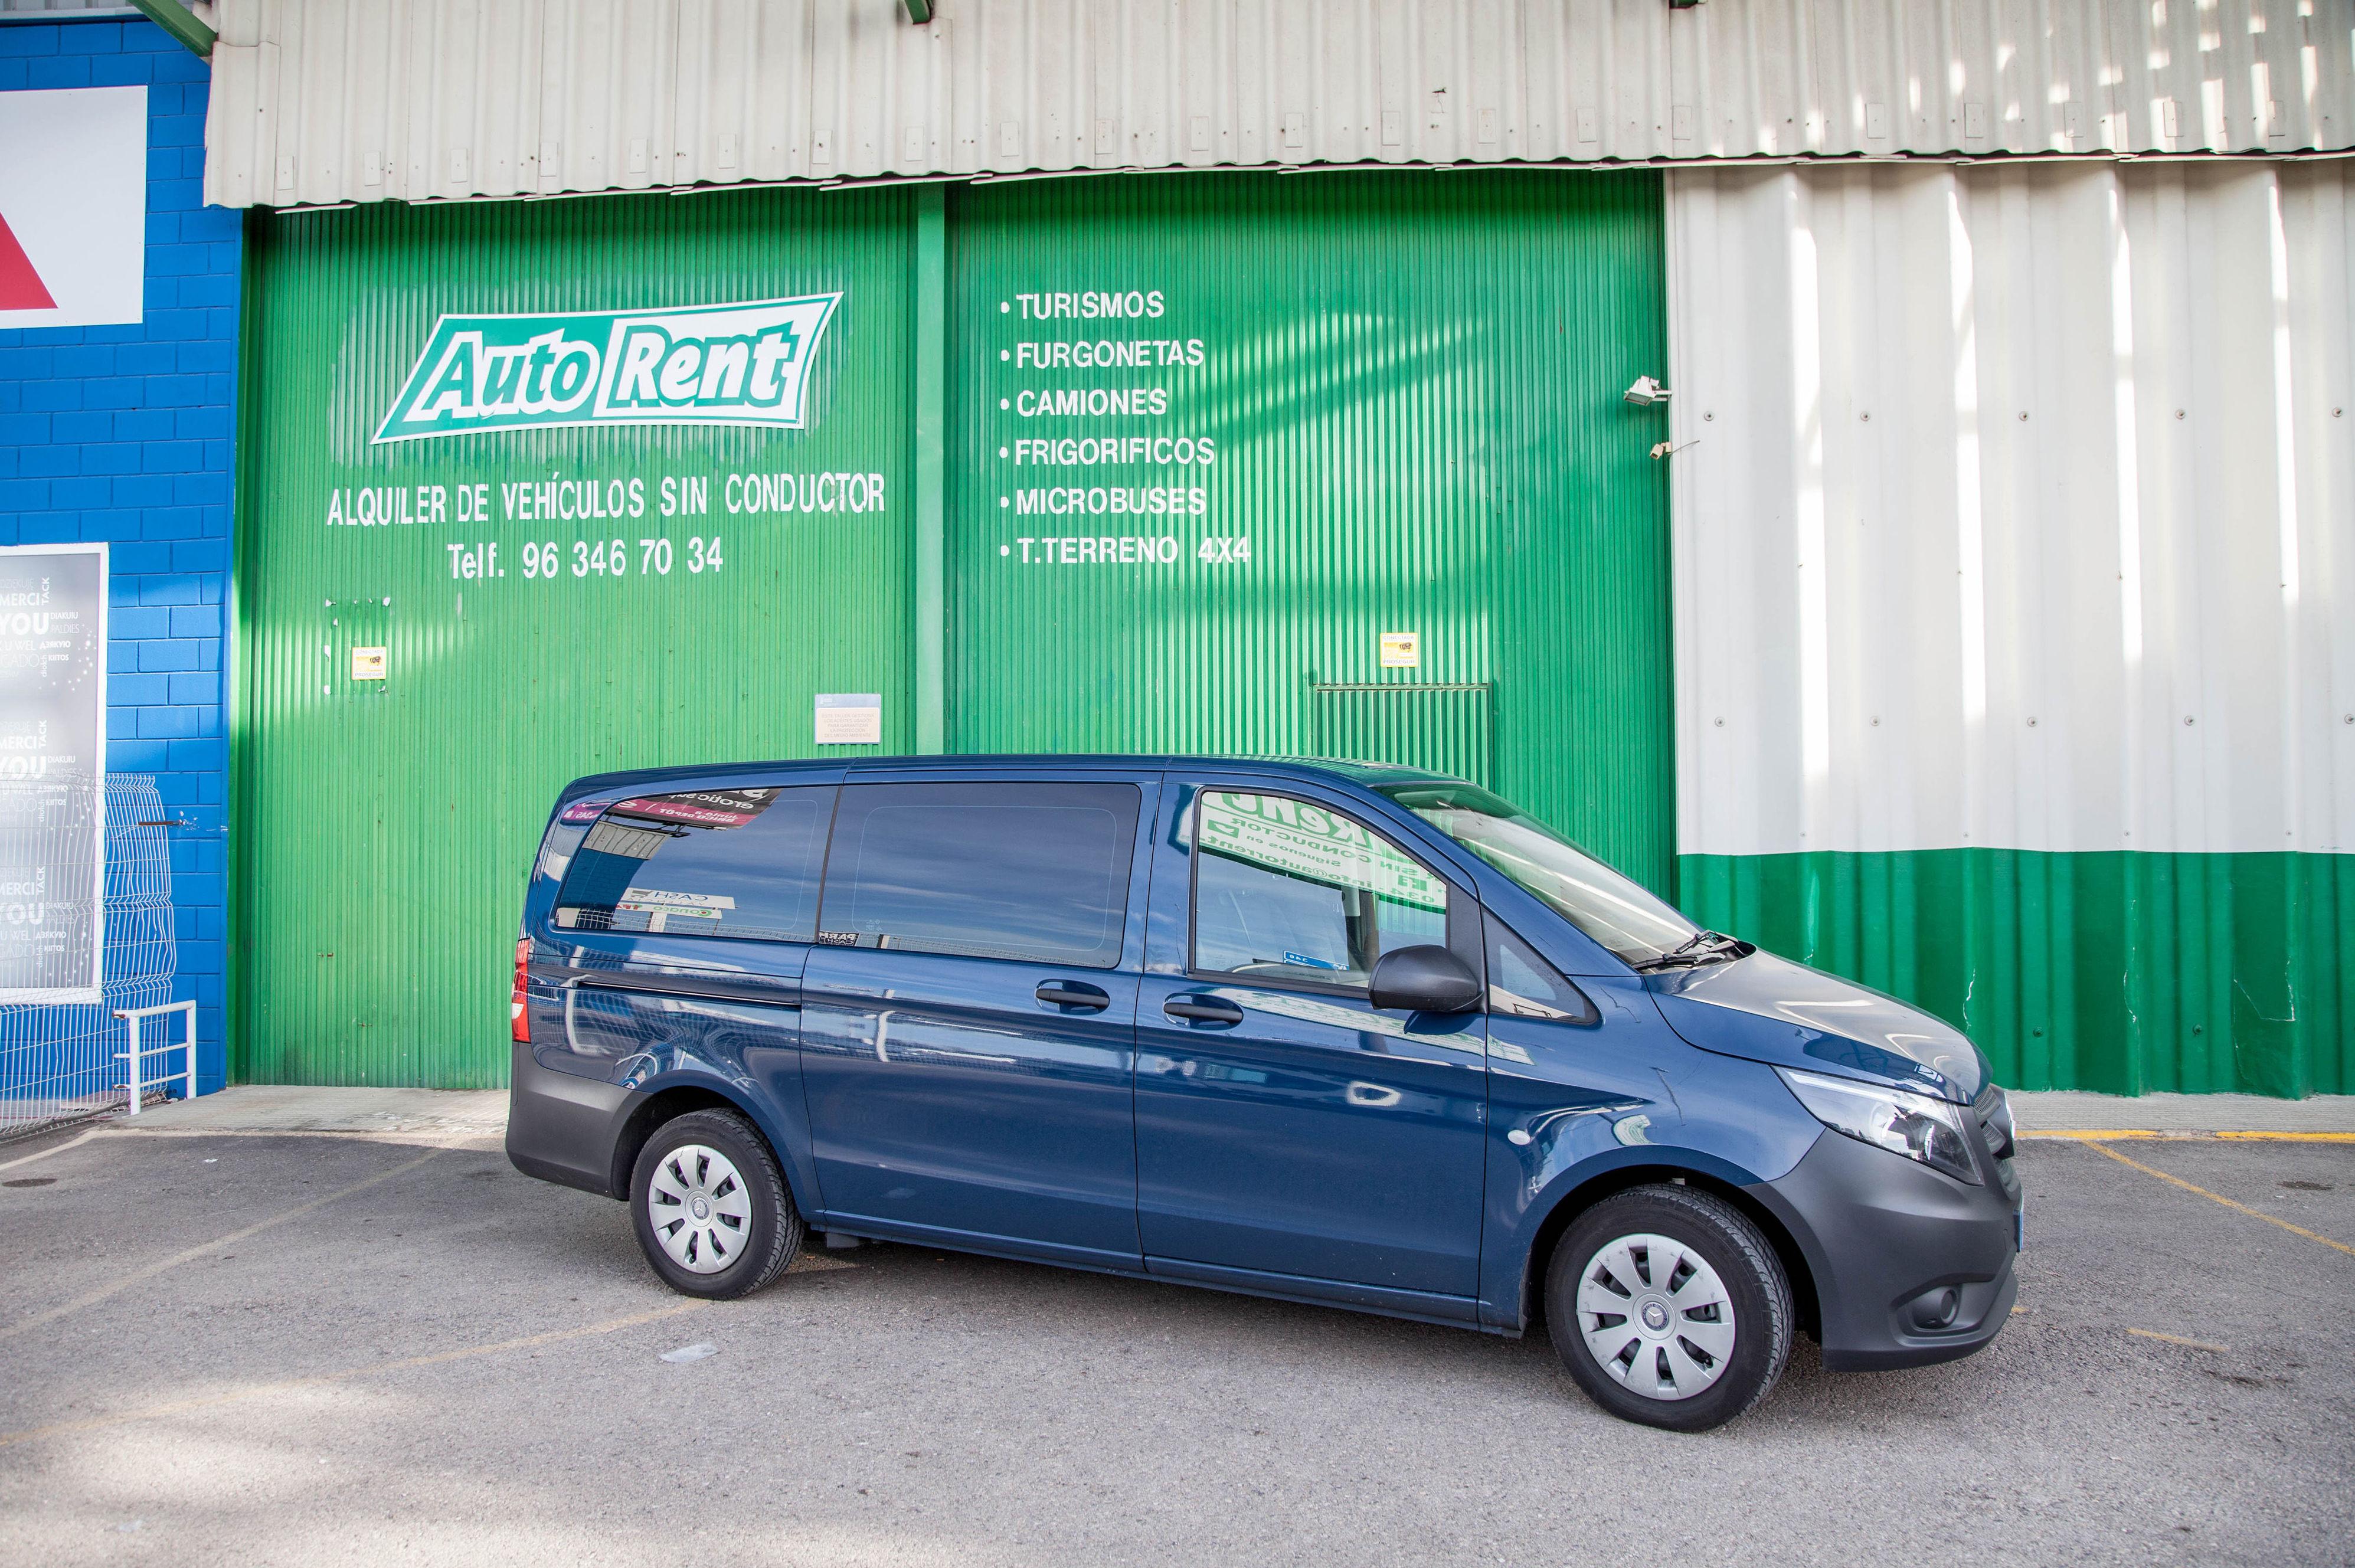 Alquiler de vehículos de 7 plazas en Valencia